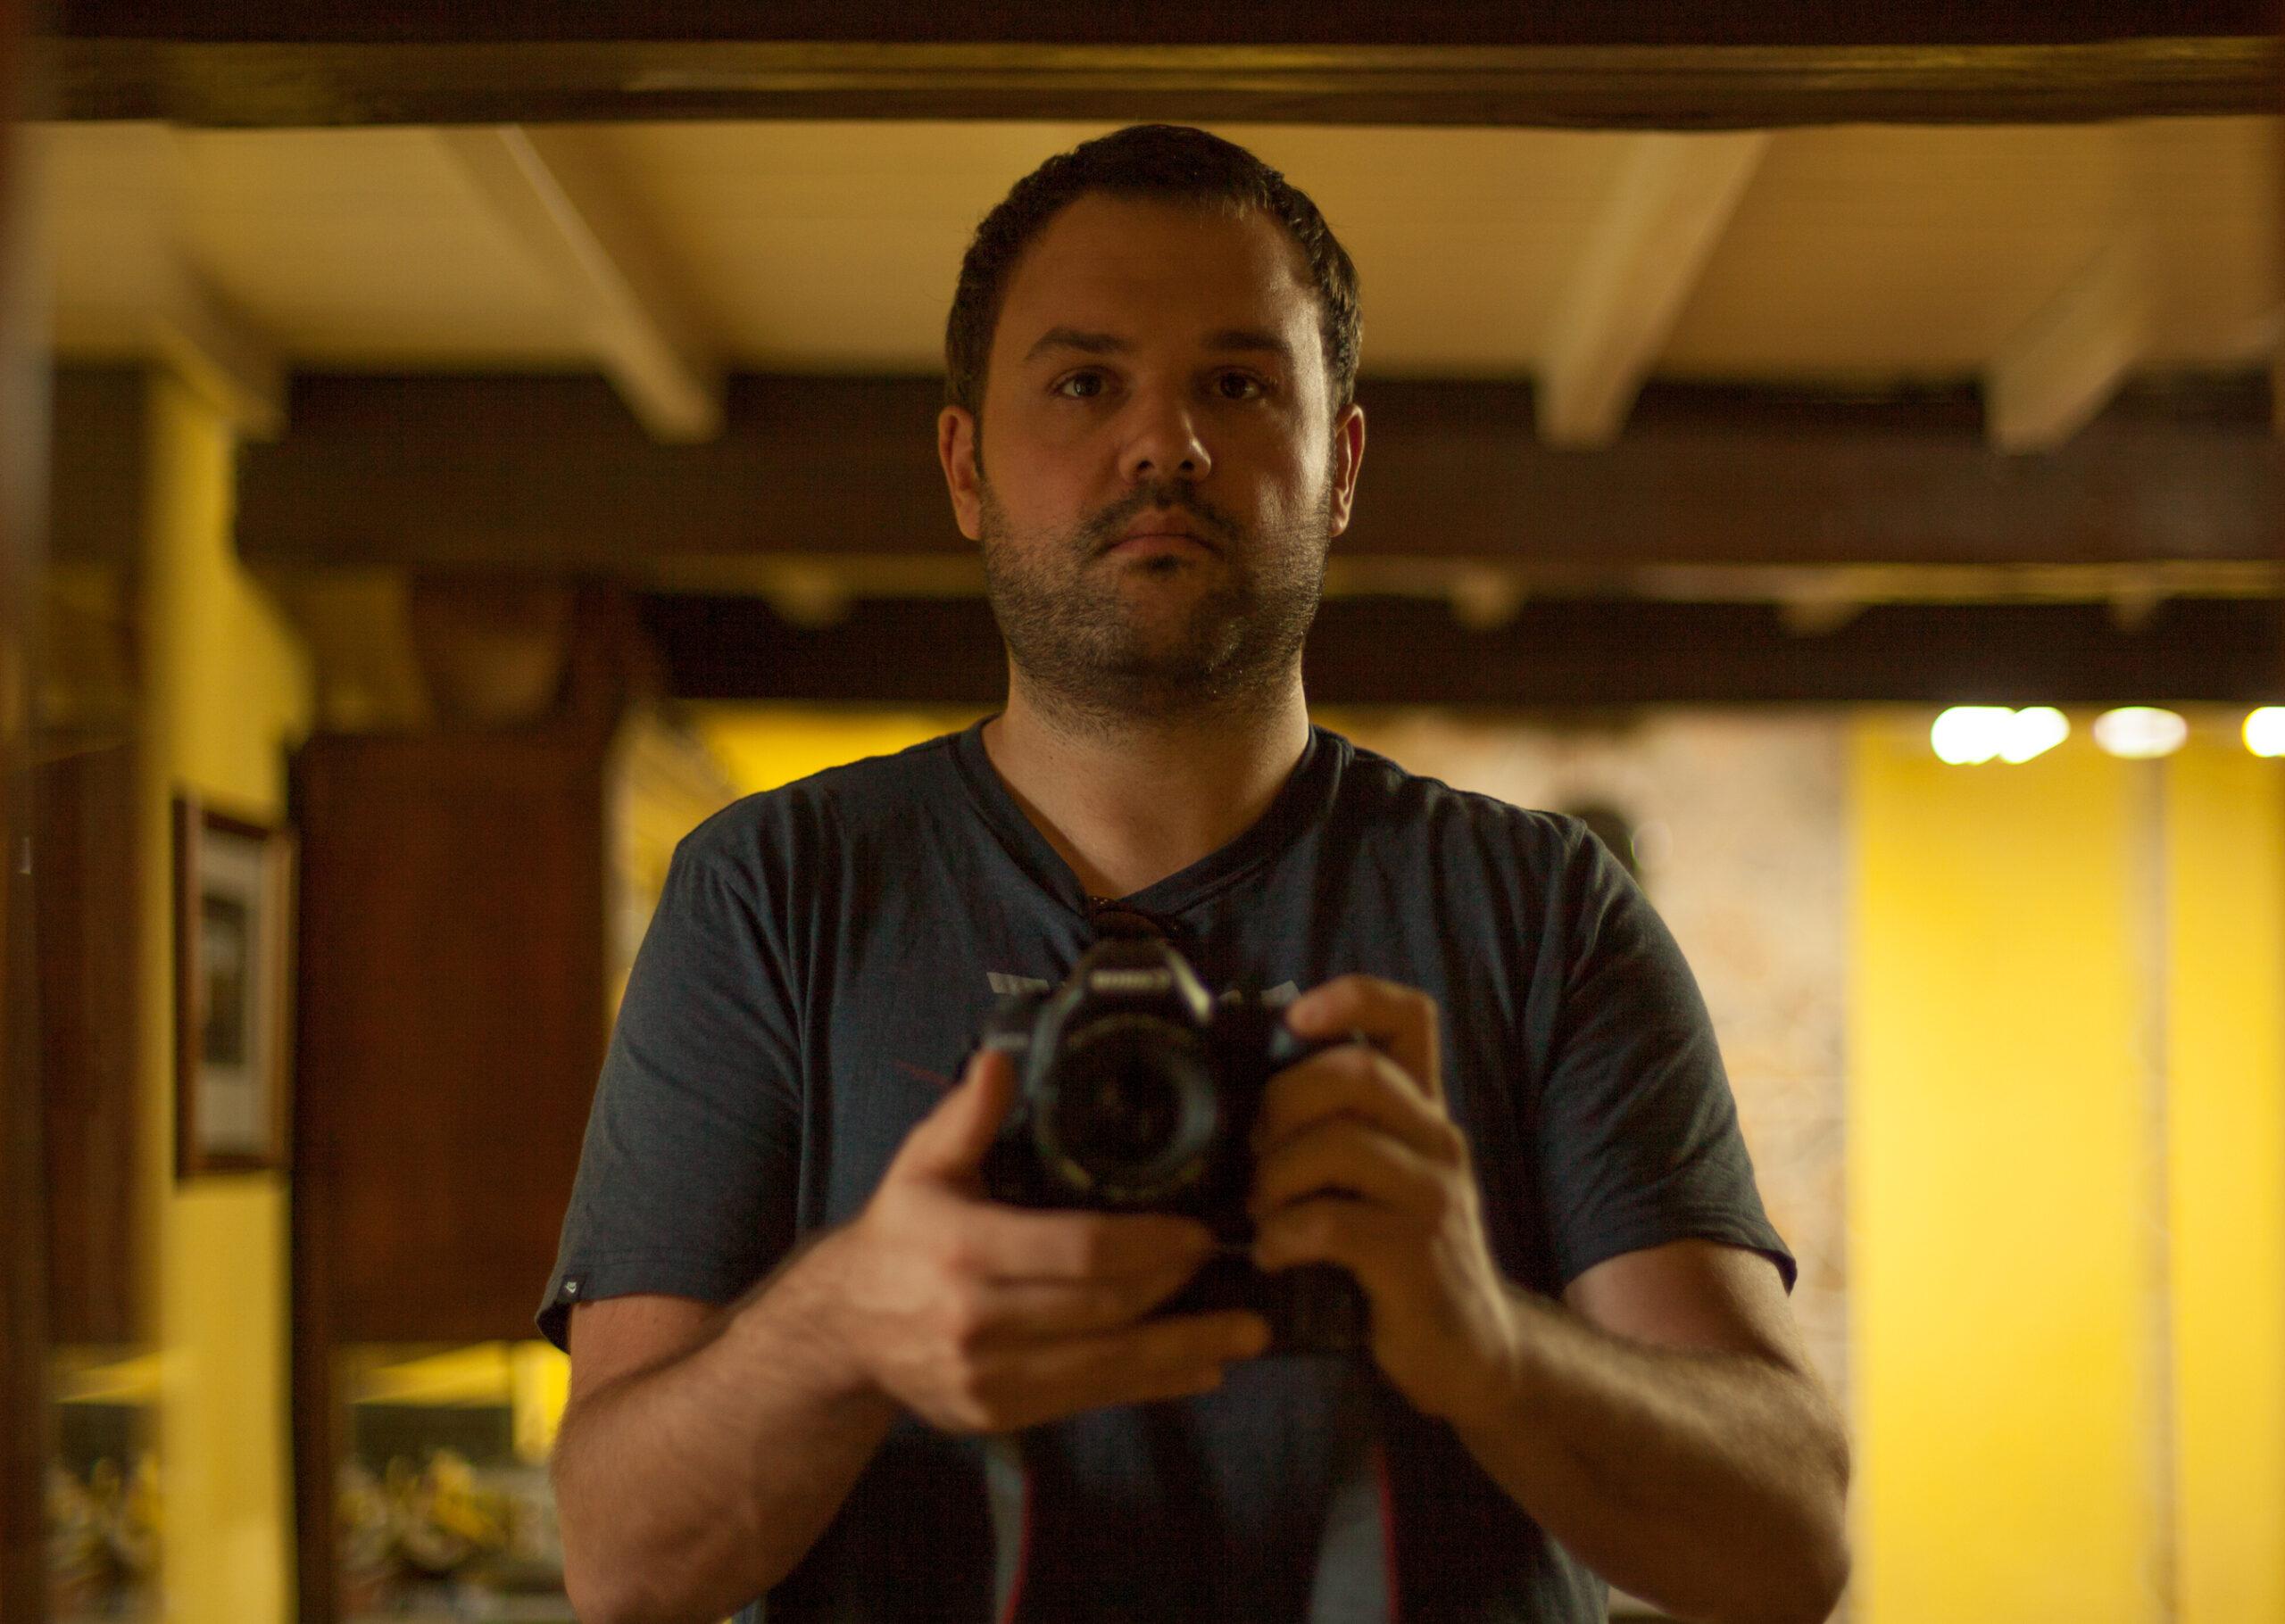 El (S8) dedica un foco al cineasta gallego Xacio Baño en su...